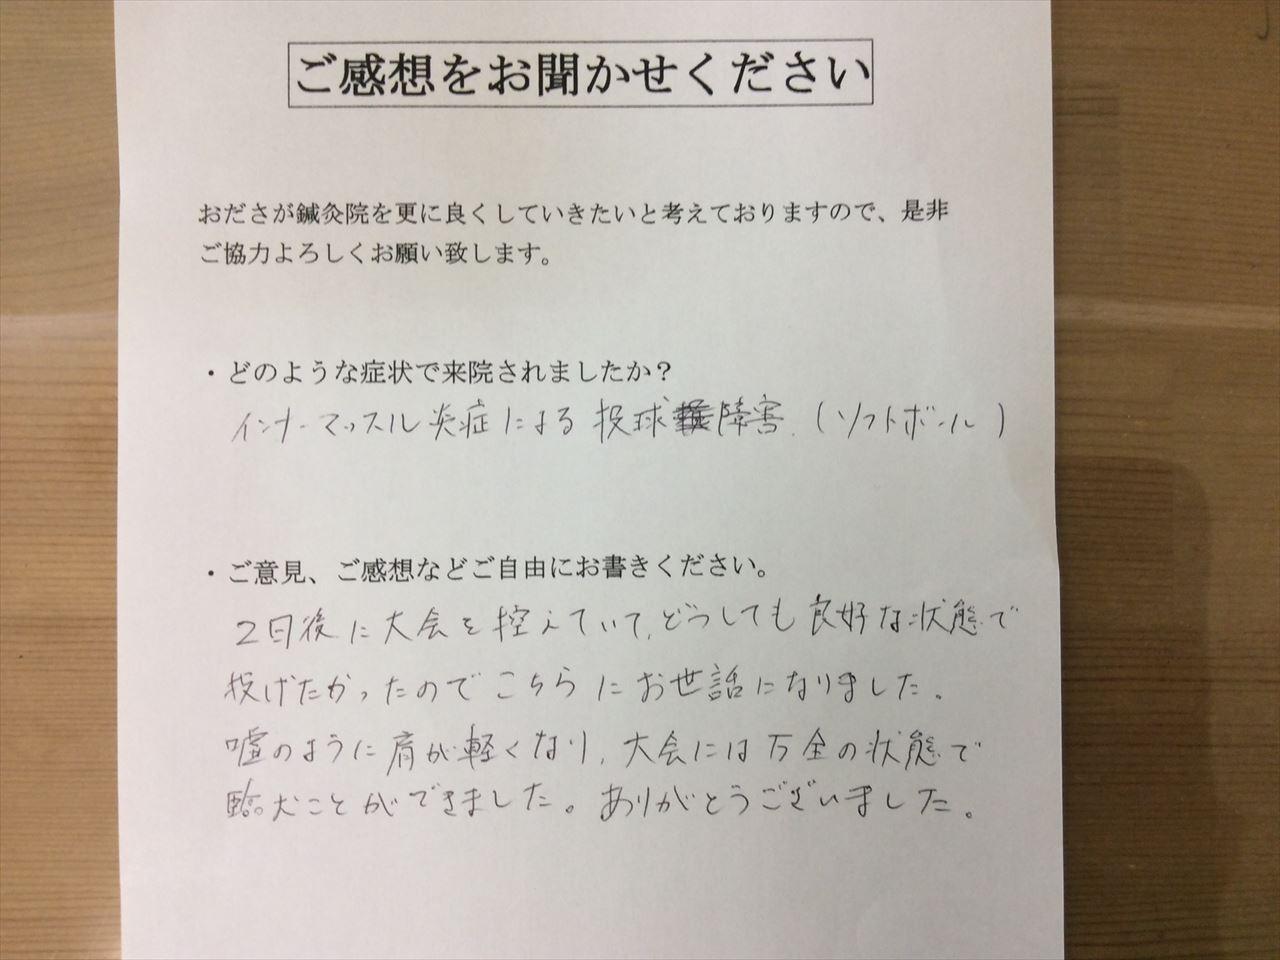 患者からの 手書手紙 北里大学 大谷翔平 野球肩